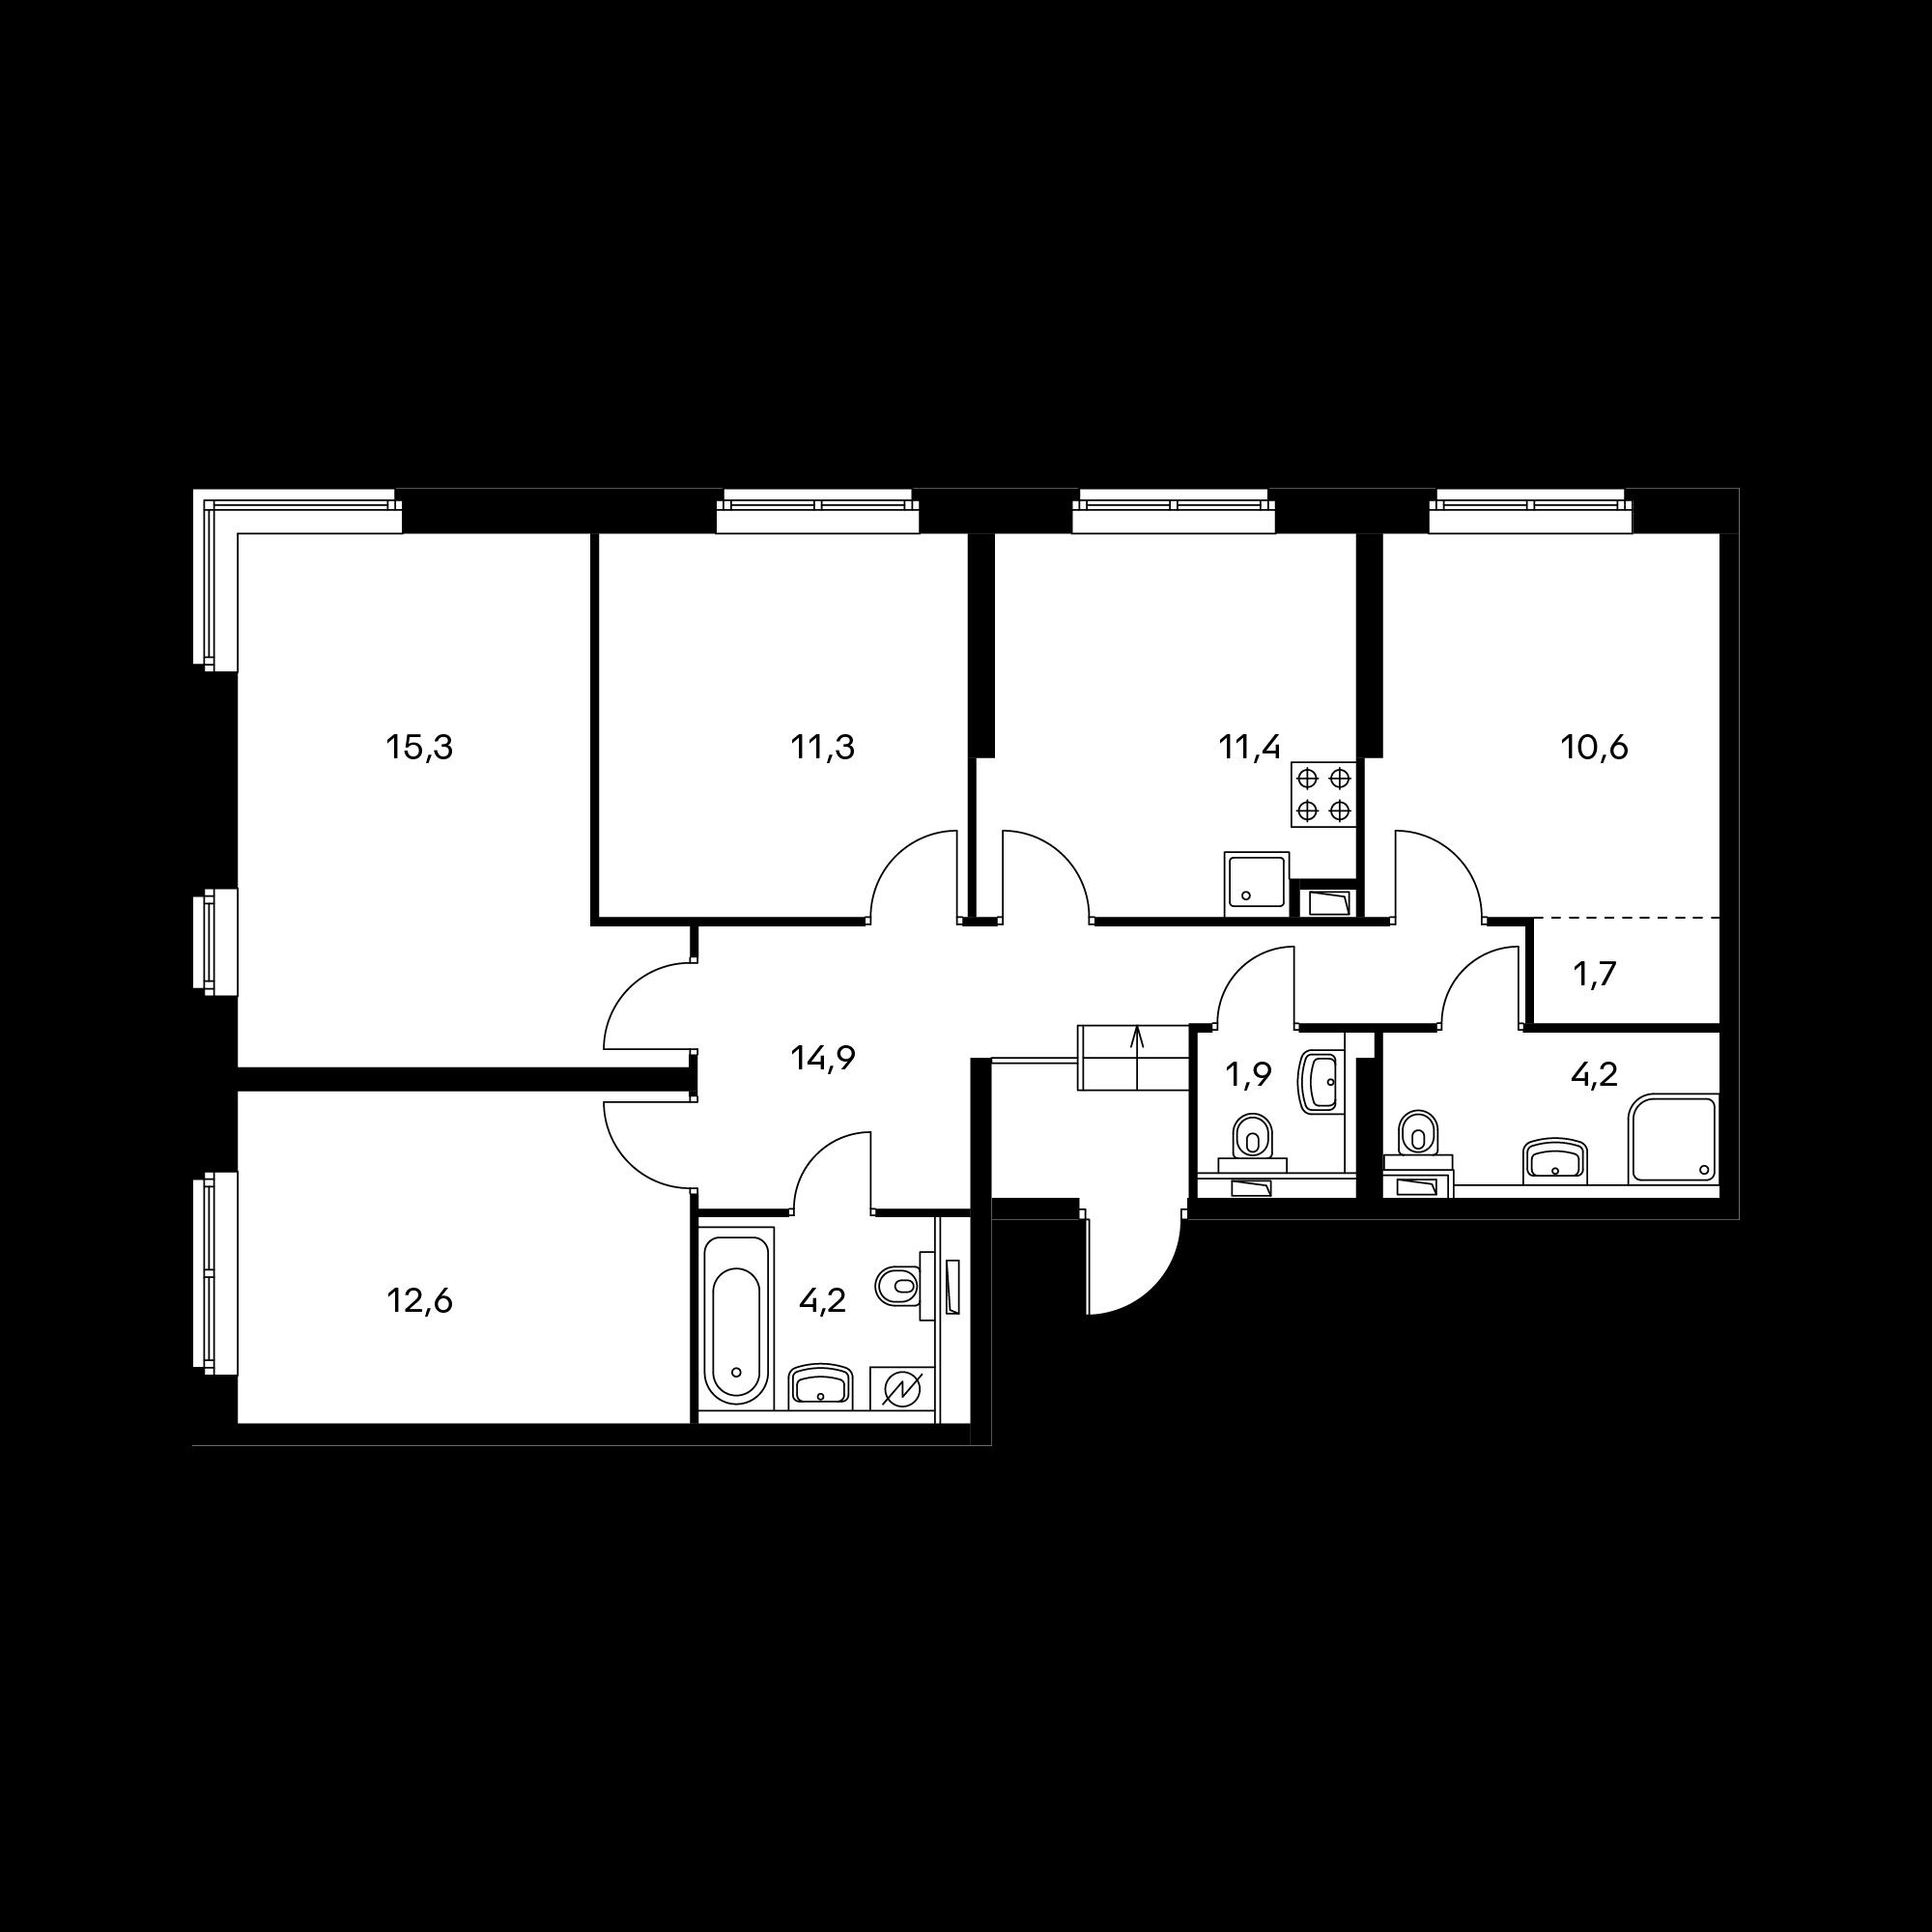 4-комнатная 88.1 м²